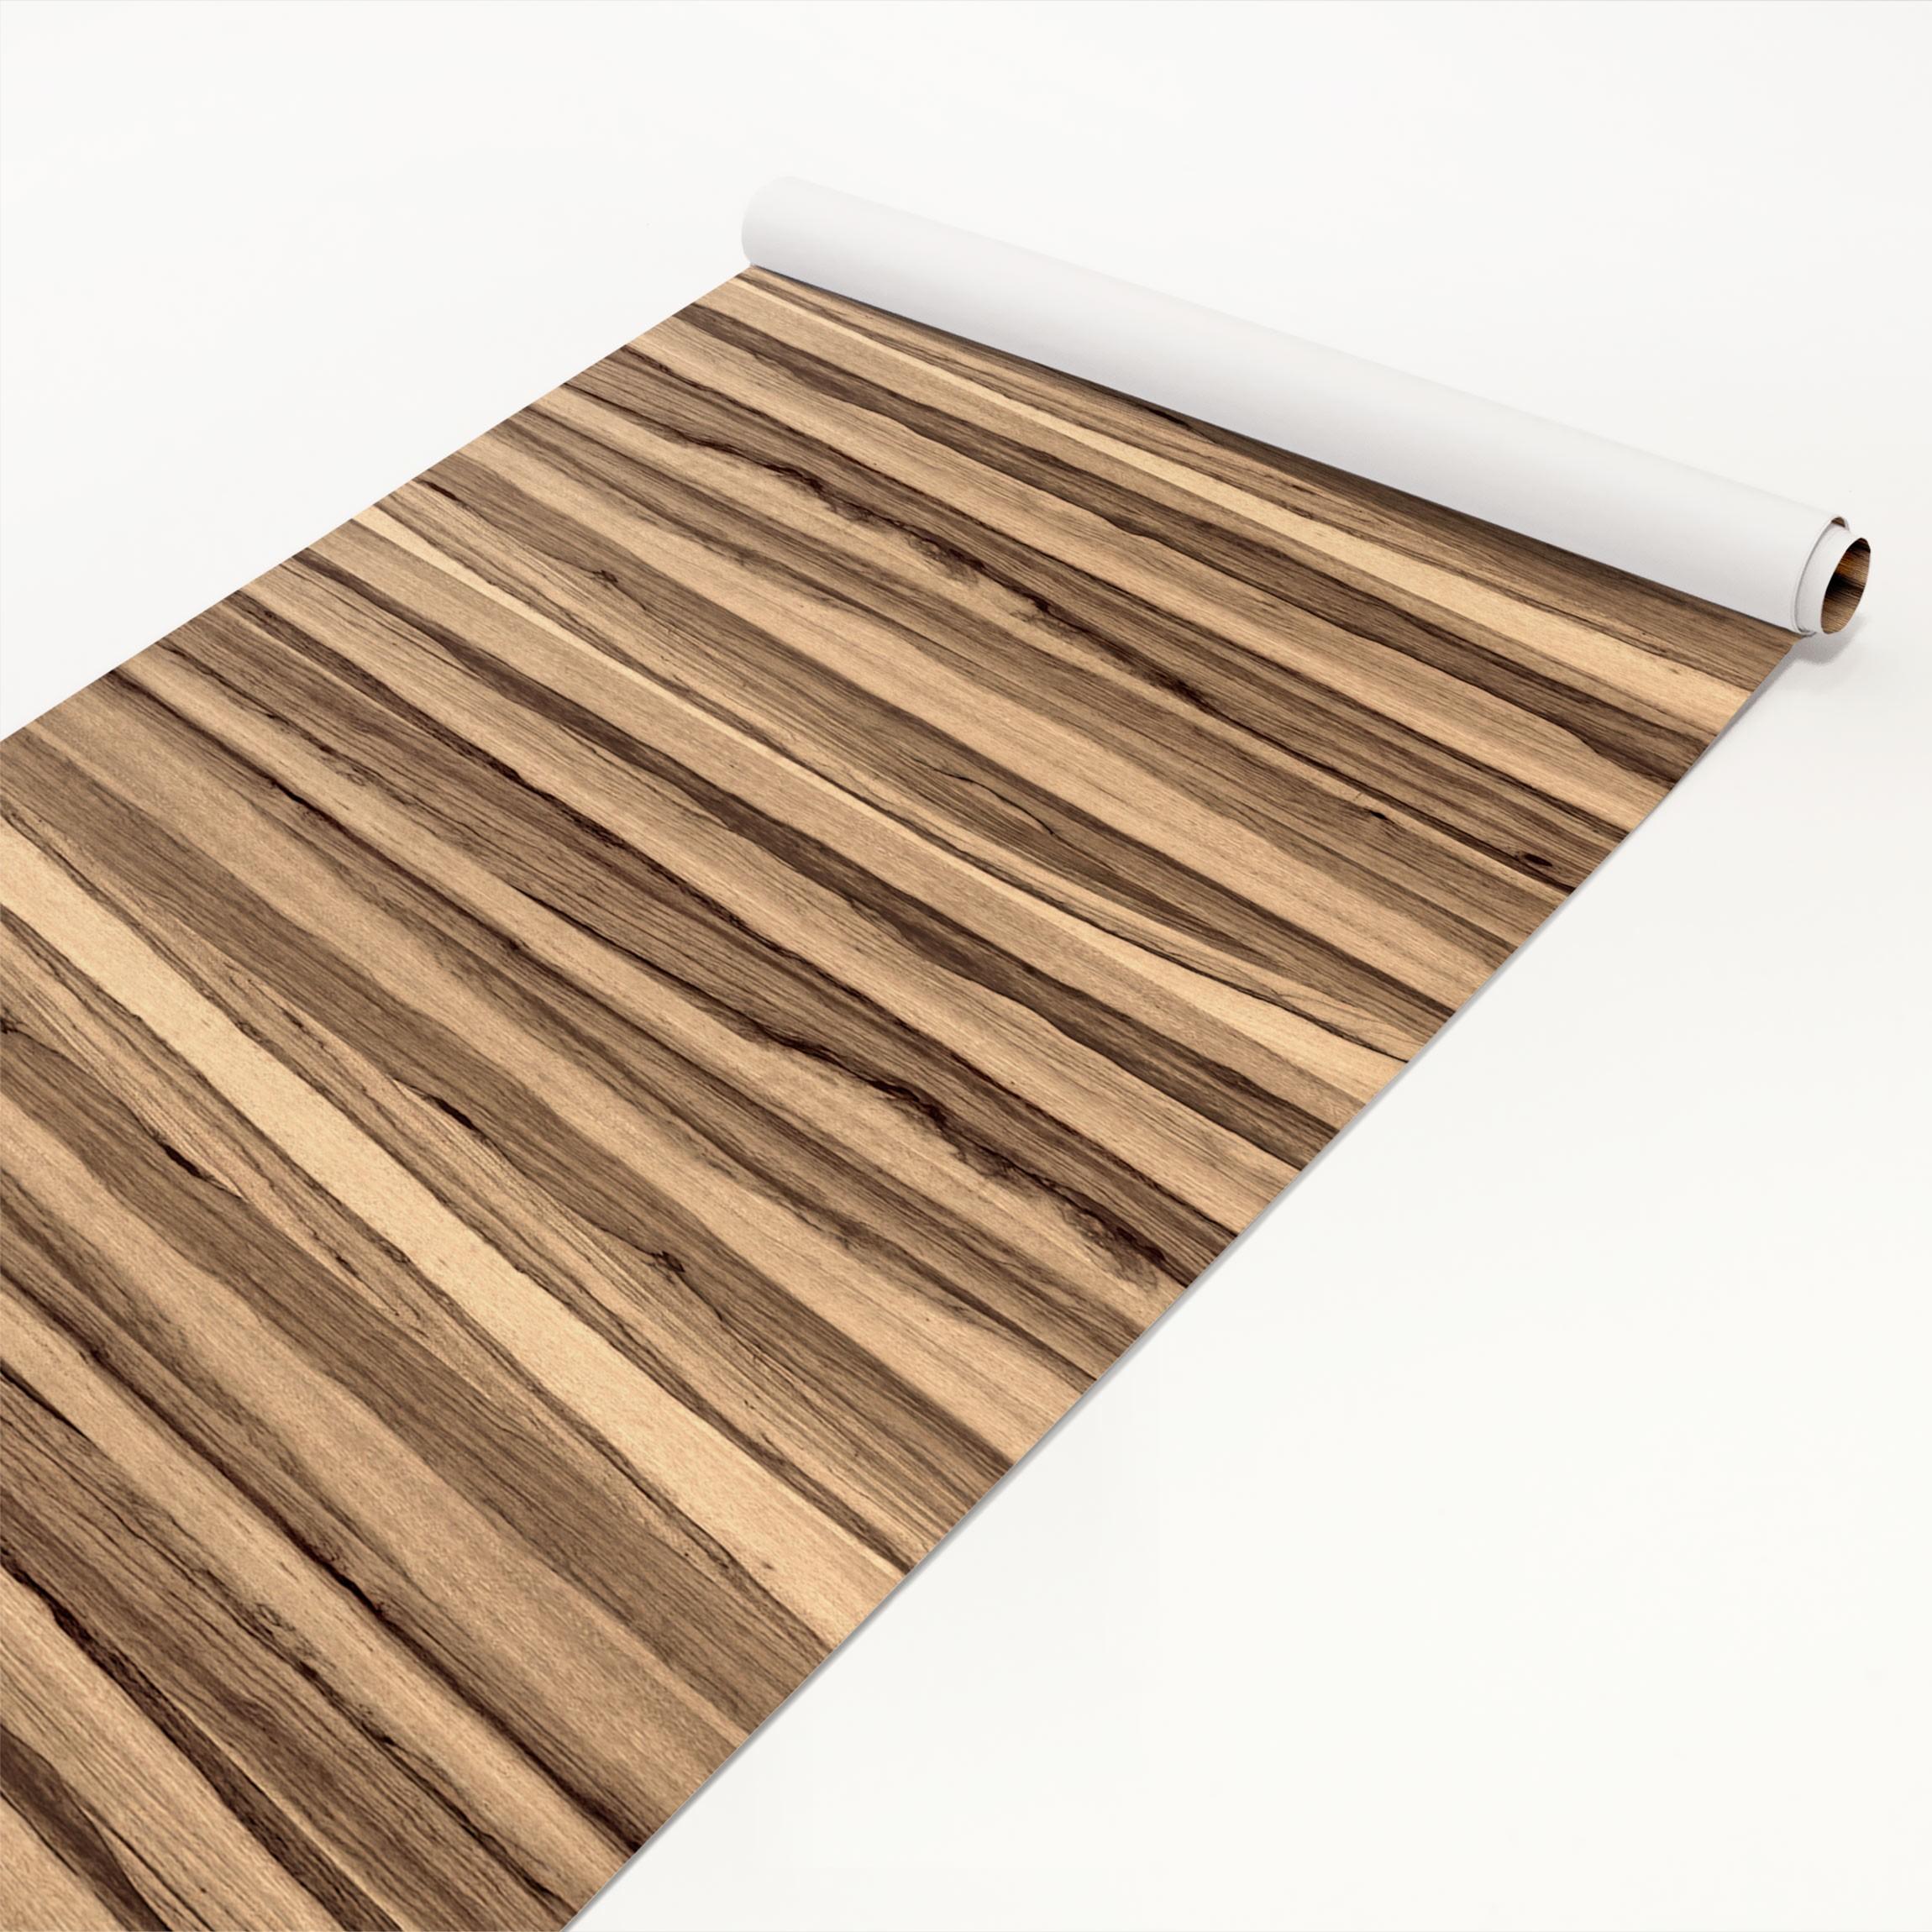 m belfolie schwarze olive holzdekorfolie folie f r m bel selbstklebend. Black Bedroom Furniture Sets. Home Design Ideas